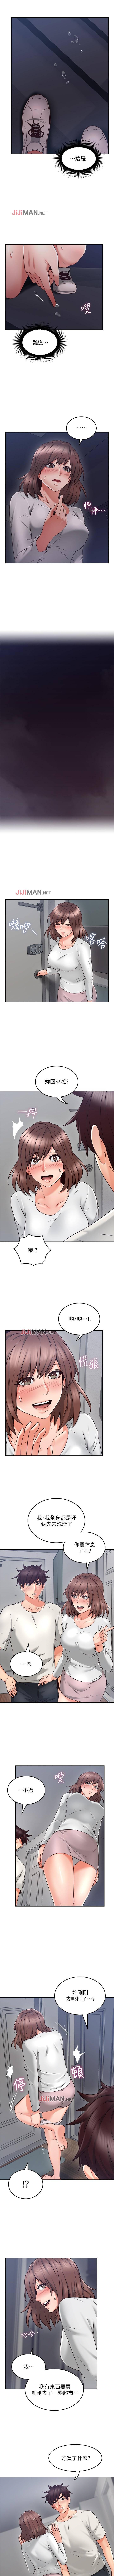 【周六更新】邻居人妻(作者:李周元 & 頸枕) 第1~50话 272